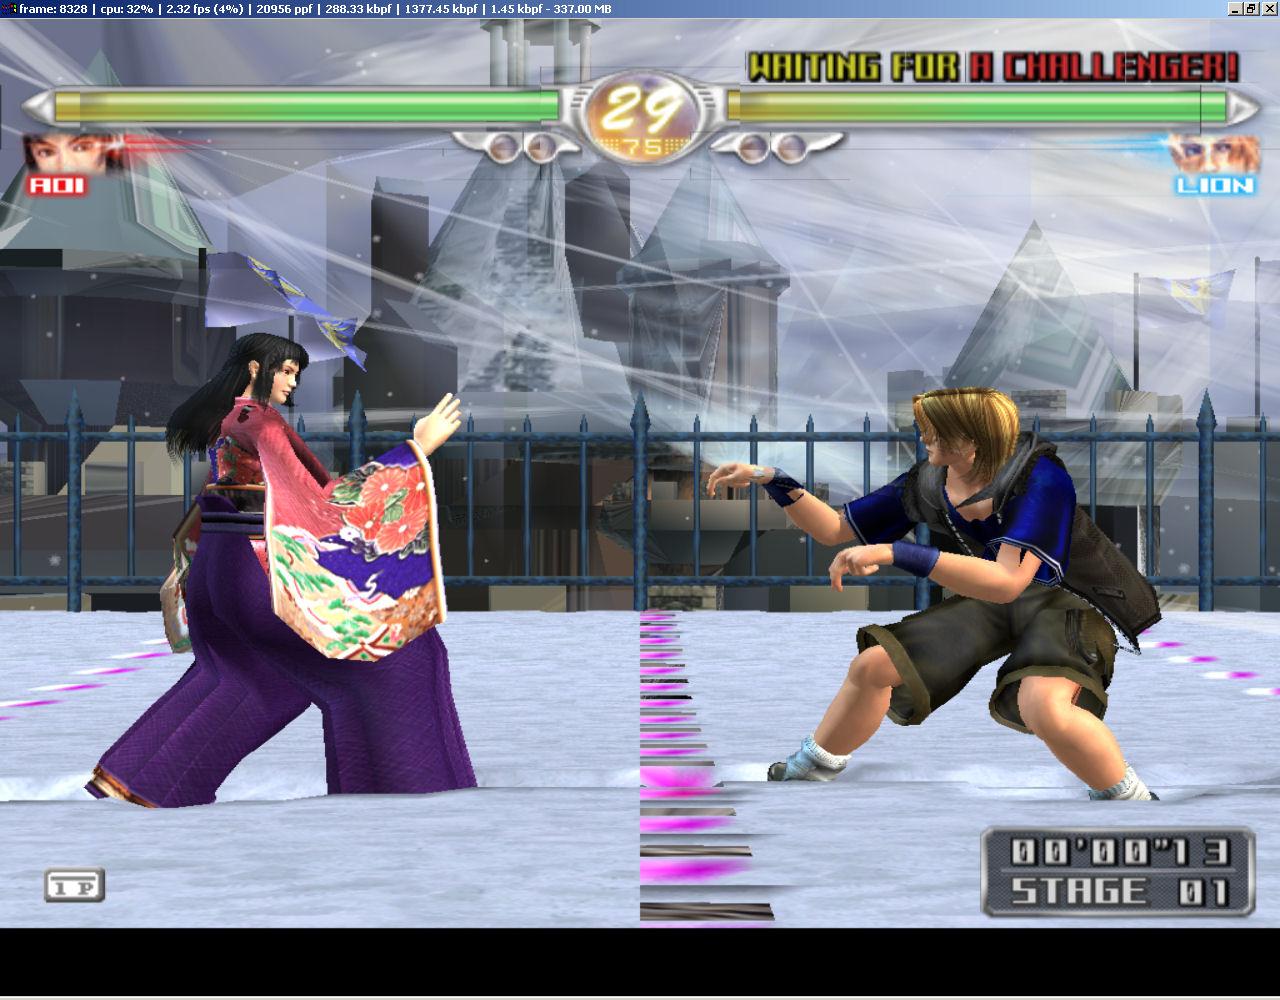 S: : PCSX2 PS2 Emulator 0 8 1 | MegaGames